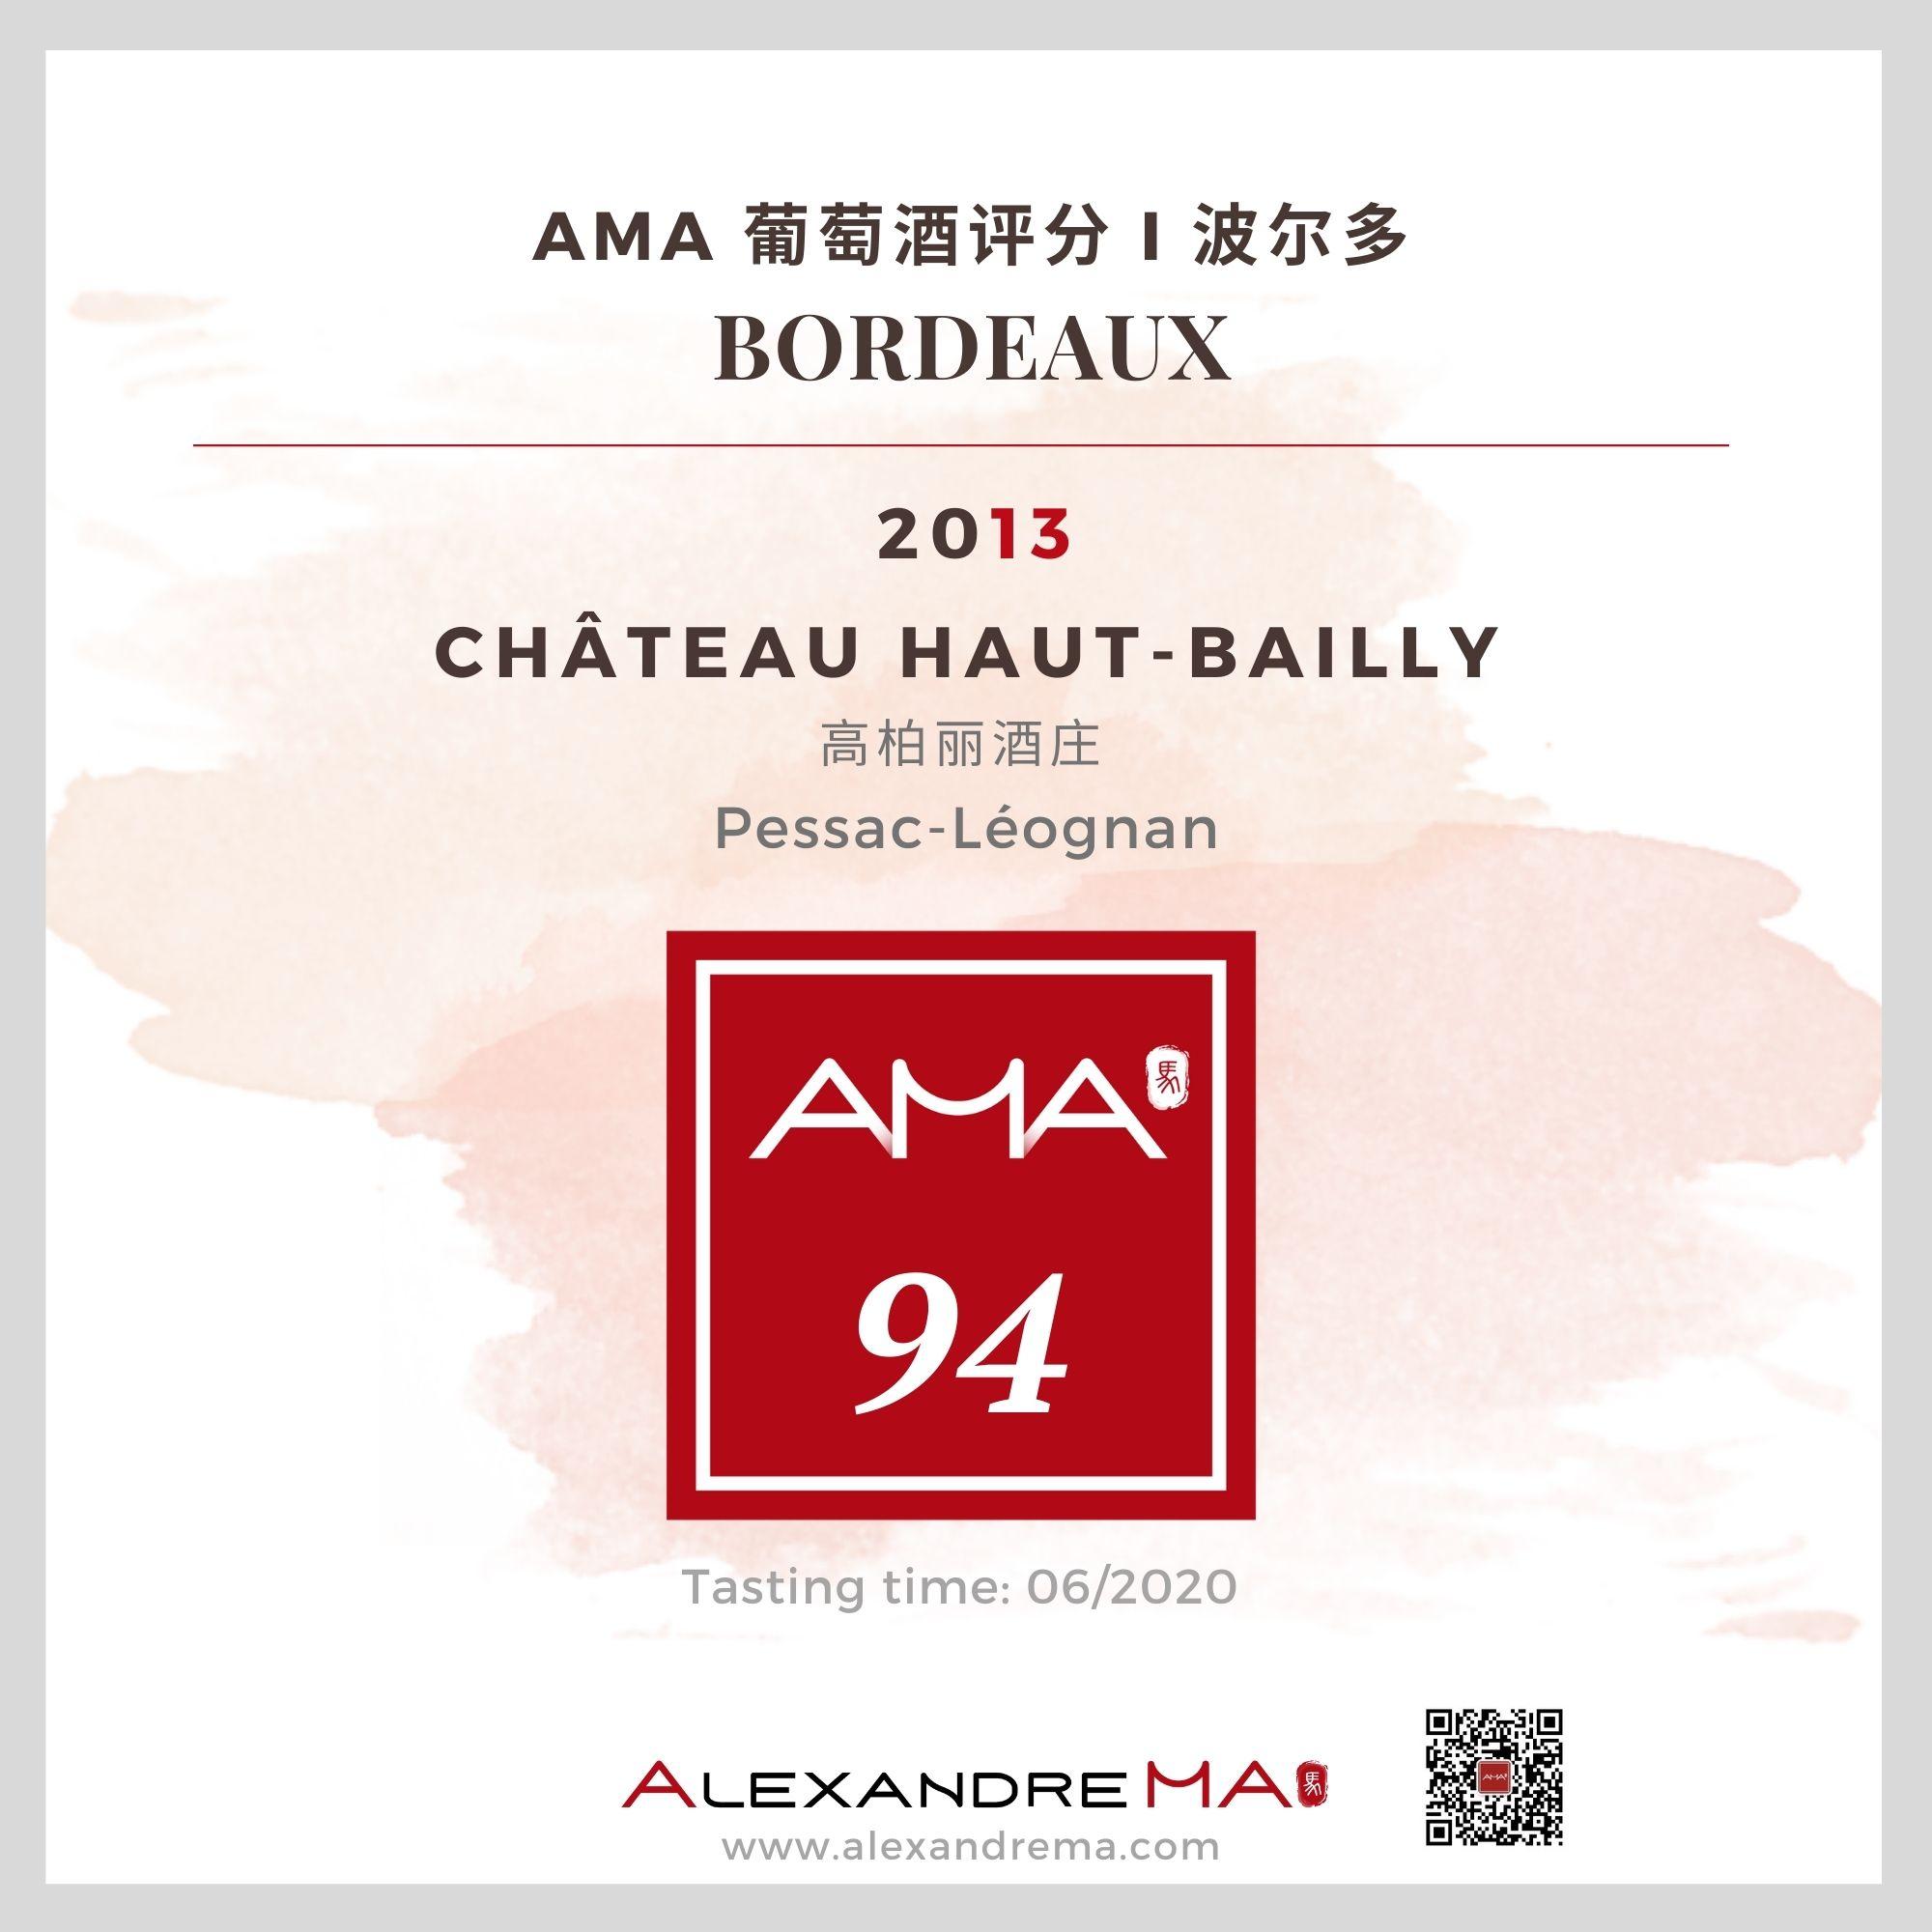 Château Haut-Bailly 2013 高柏丽酒庄 - Alexandre Ma